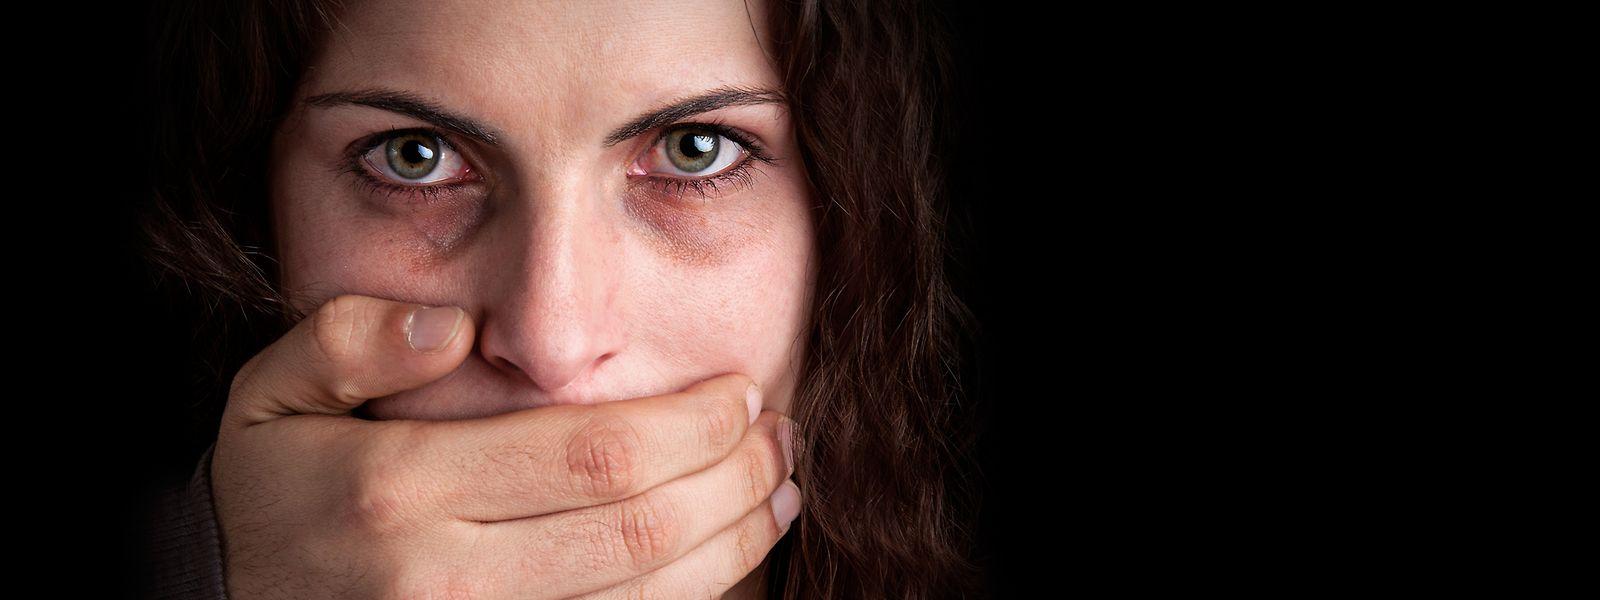 Nur sehr wenige Opfer von physischer Gewalt brechen ihr Schweigen sofort nach der Tat und erstatten Anzeige gegen den Täter.